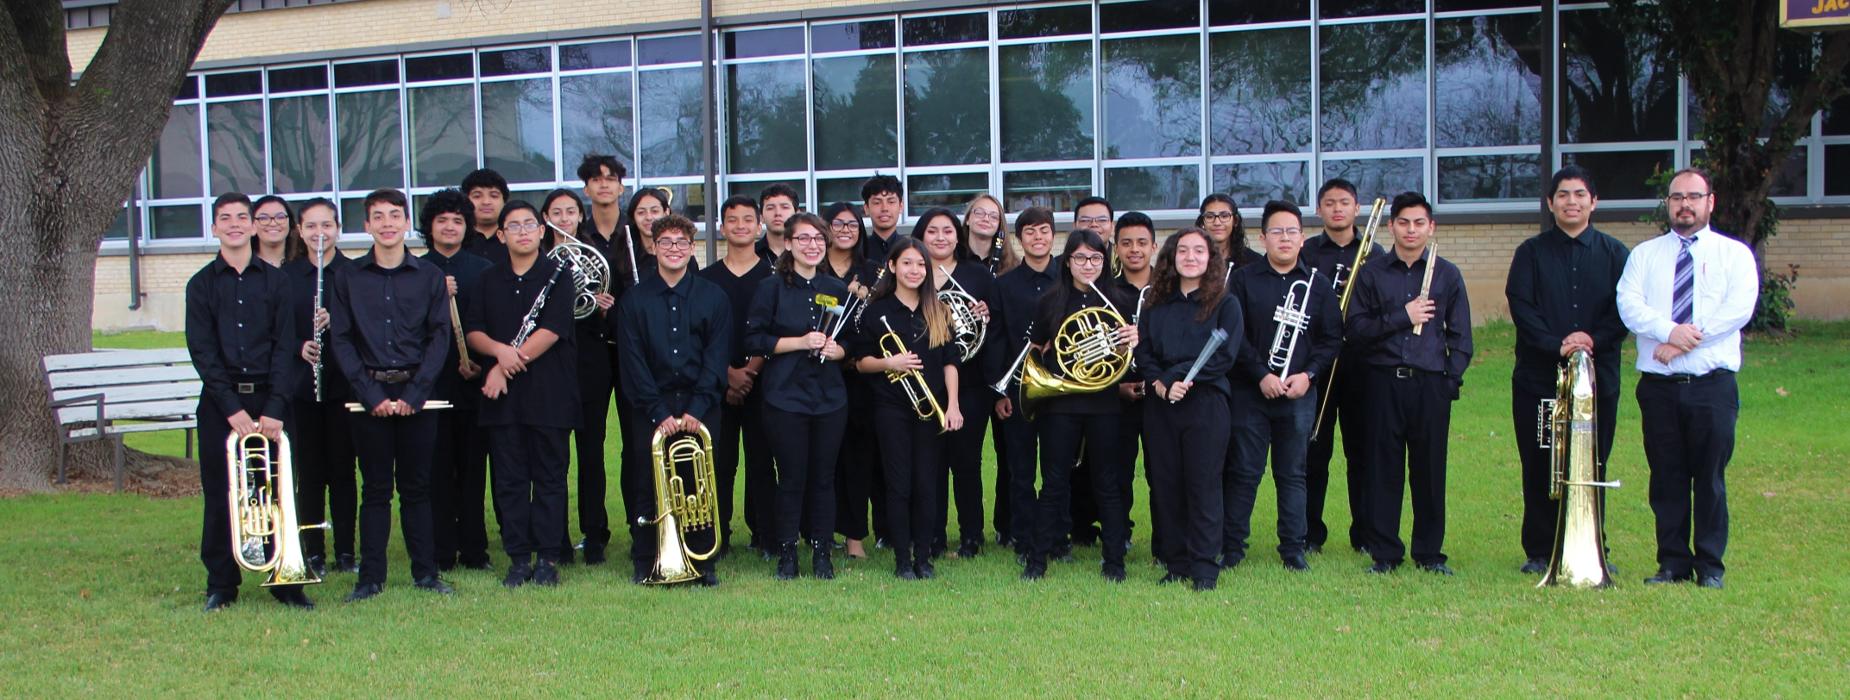 Sabinal HS Band 19-20